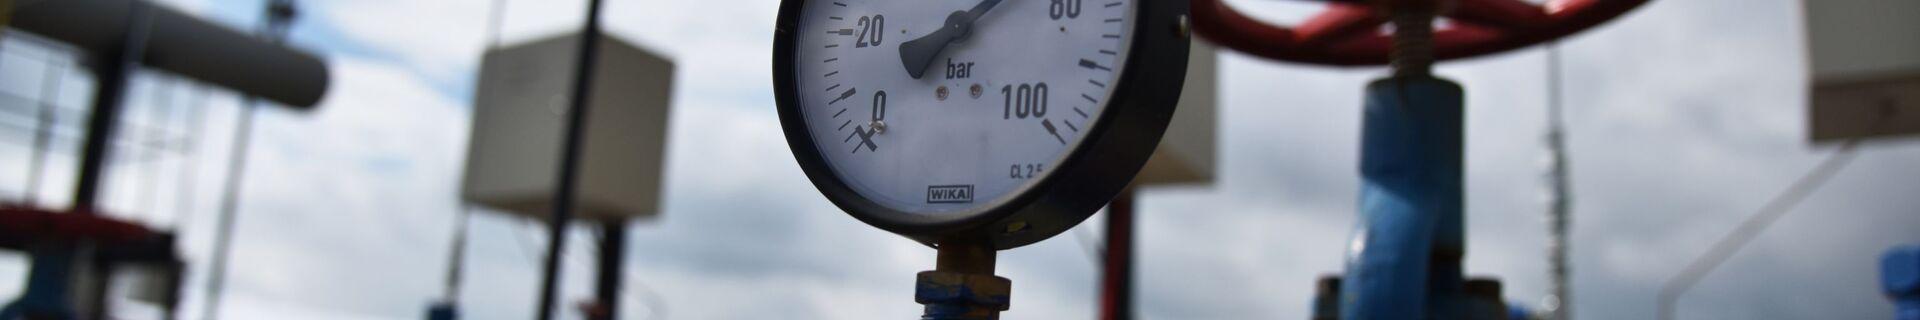 Ukraina obawia się wzrostu cen gazu po oddaniu do eksploatacji gazociągu Nord Stream 2. - Sputnik Polska, 1920